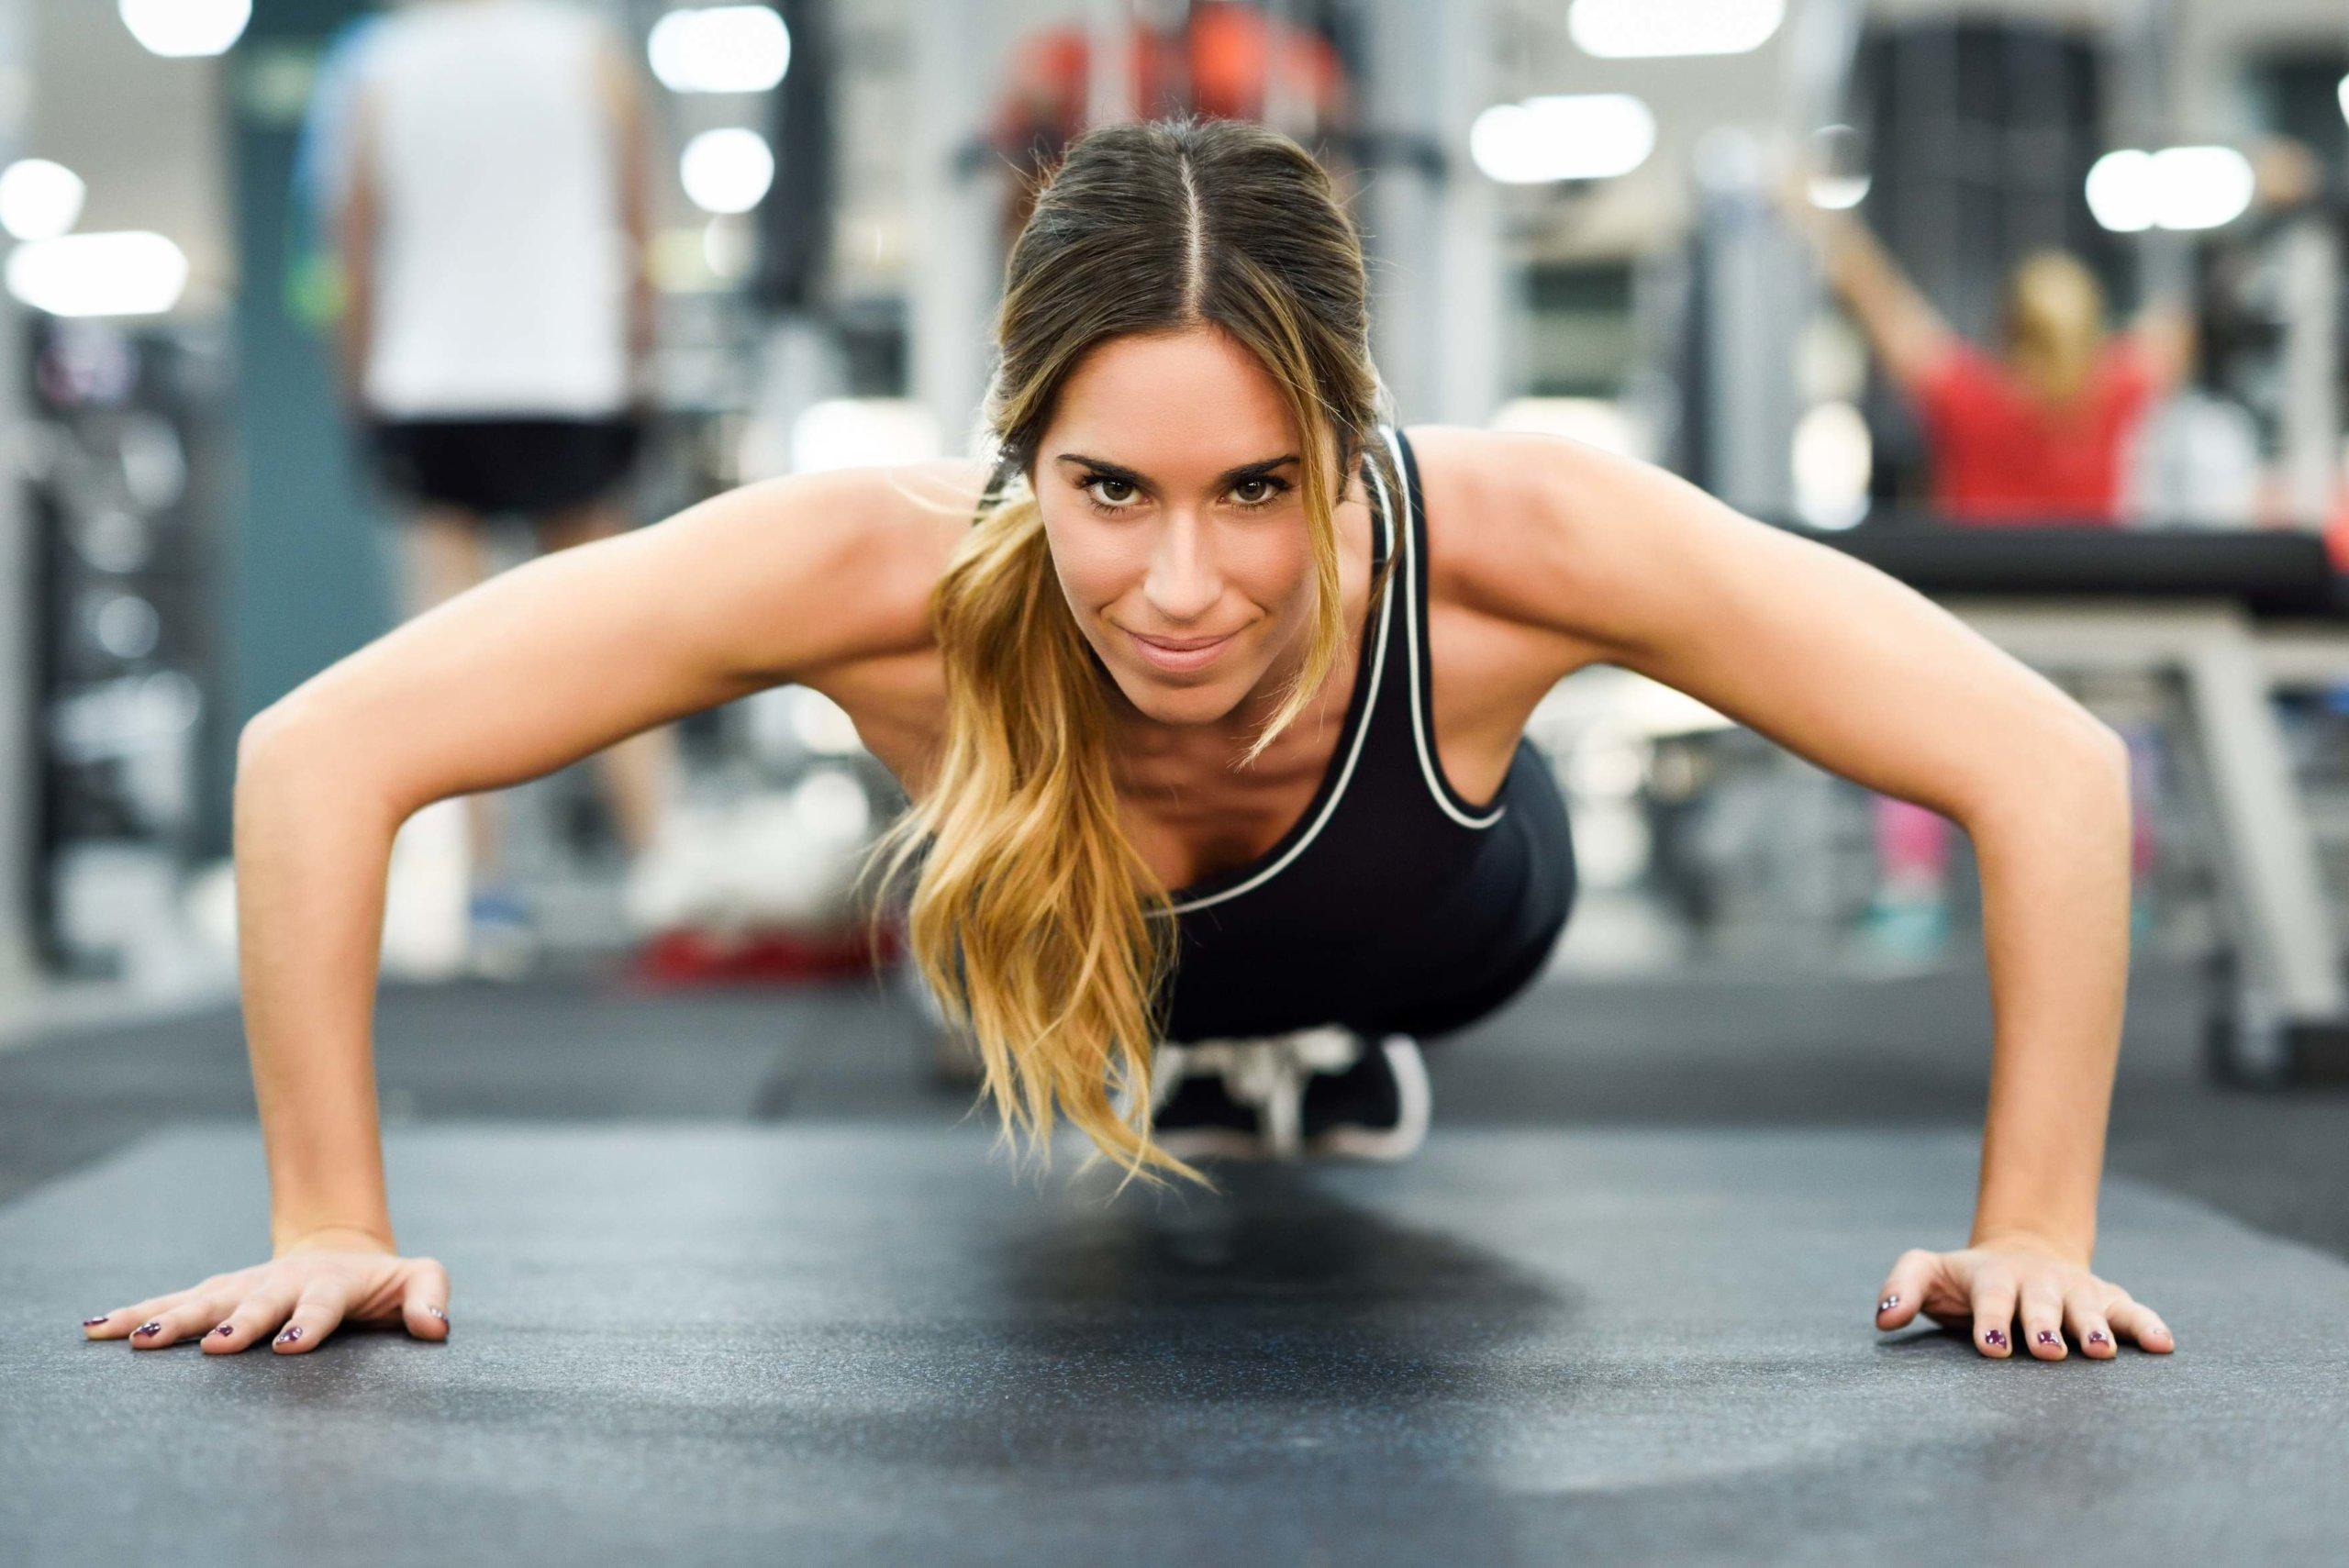 Effektivere Übungen mit dem eigenen Körpergewicht